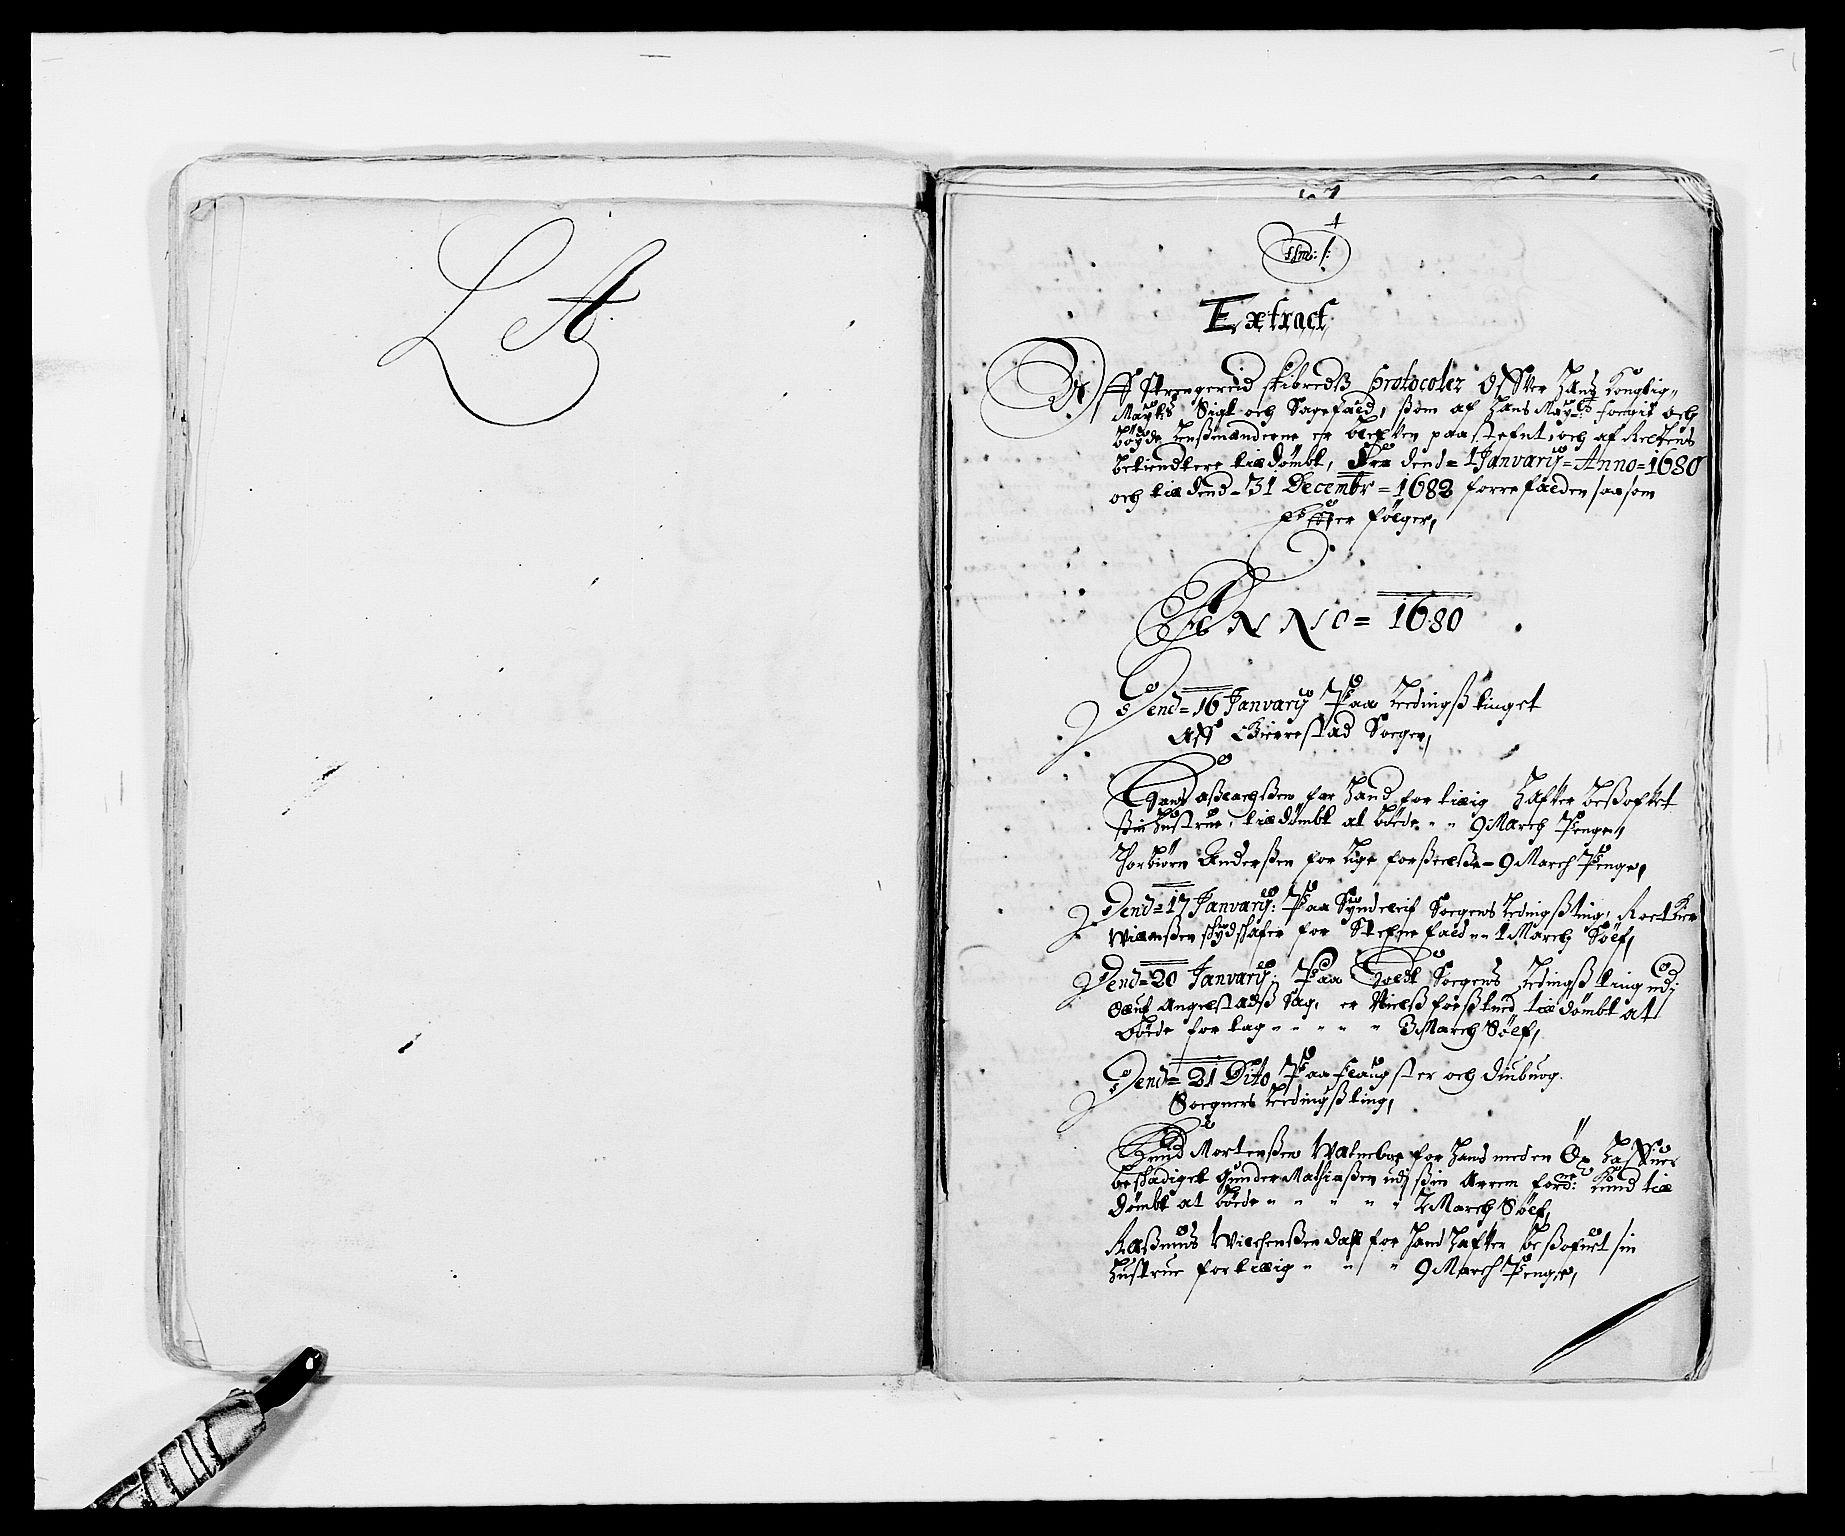 RA, Rentekammeret inntil 1814, Reviderte regnskaper, Fogderegnskap, R39/L2304: Fogderegnskap Nedenes, 1680-1682, s. 182